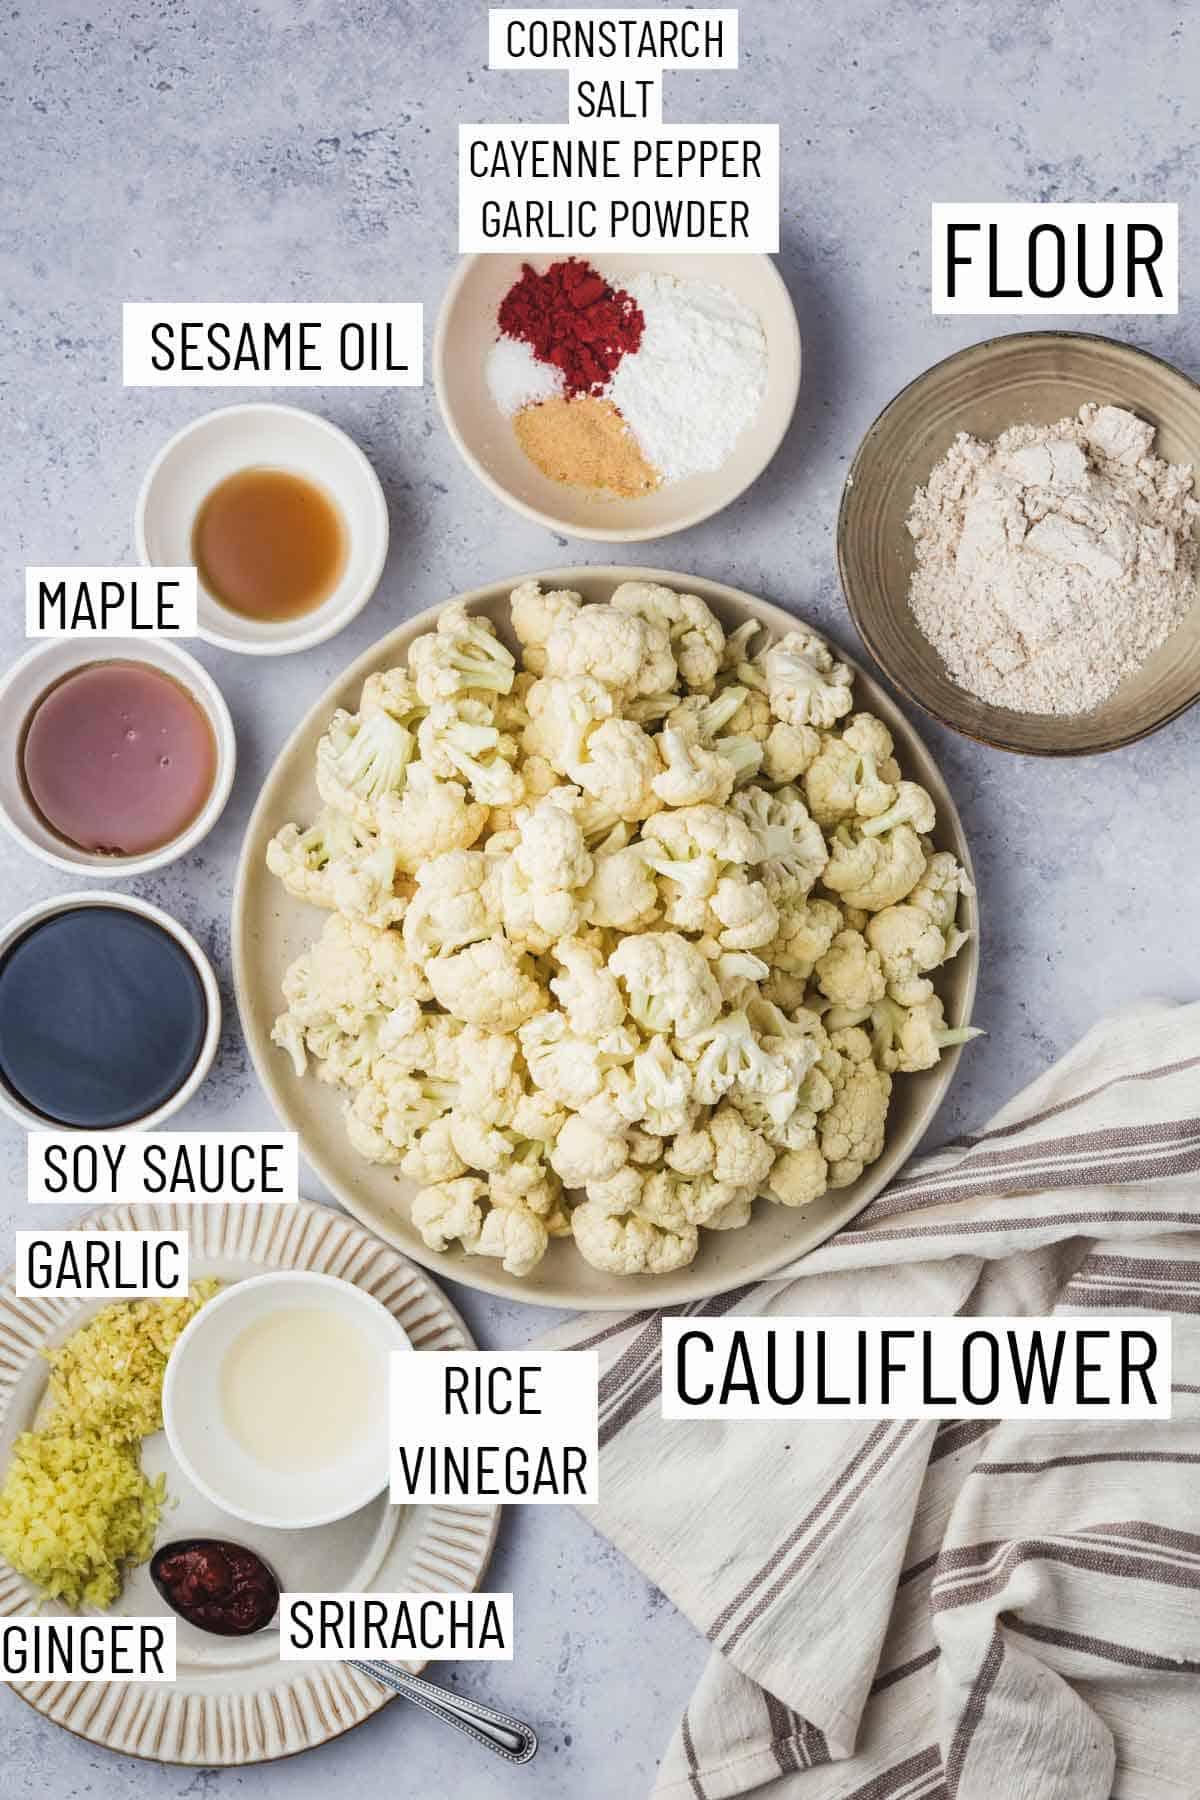 Ingredients needed to make vegan cauliflower wings.